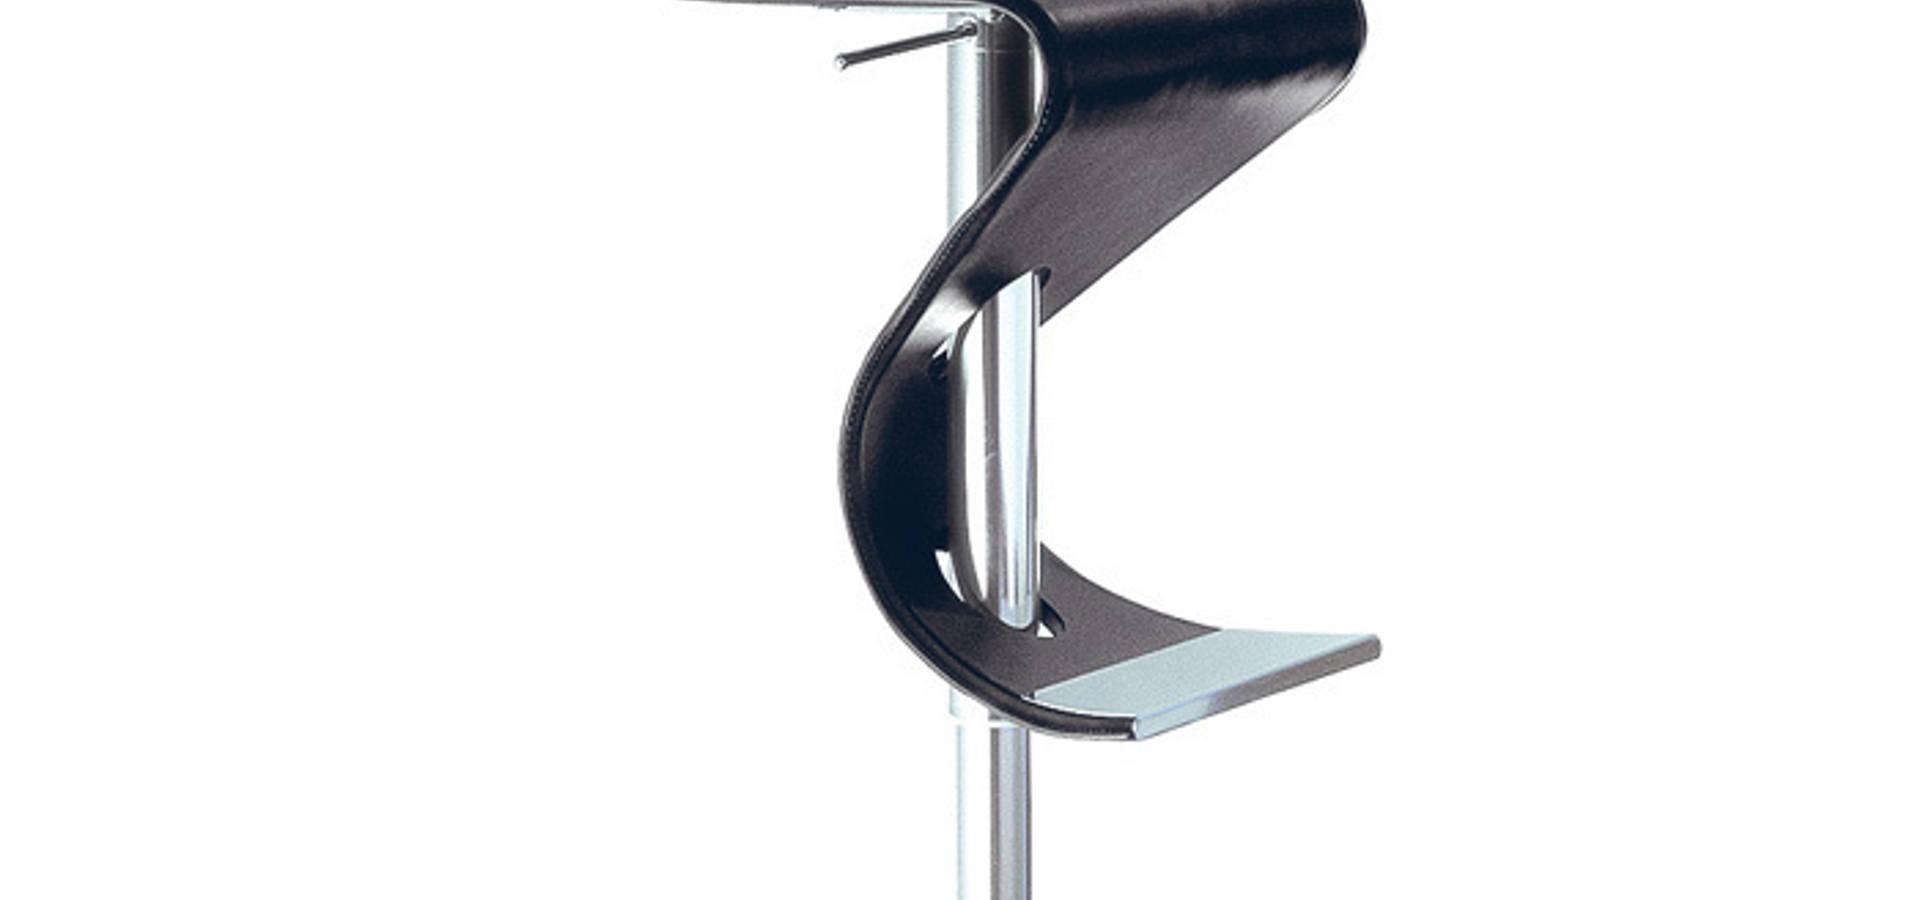 Sediedesign mobili accessori a montebelluna homify for Sedie design montebelluna